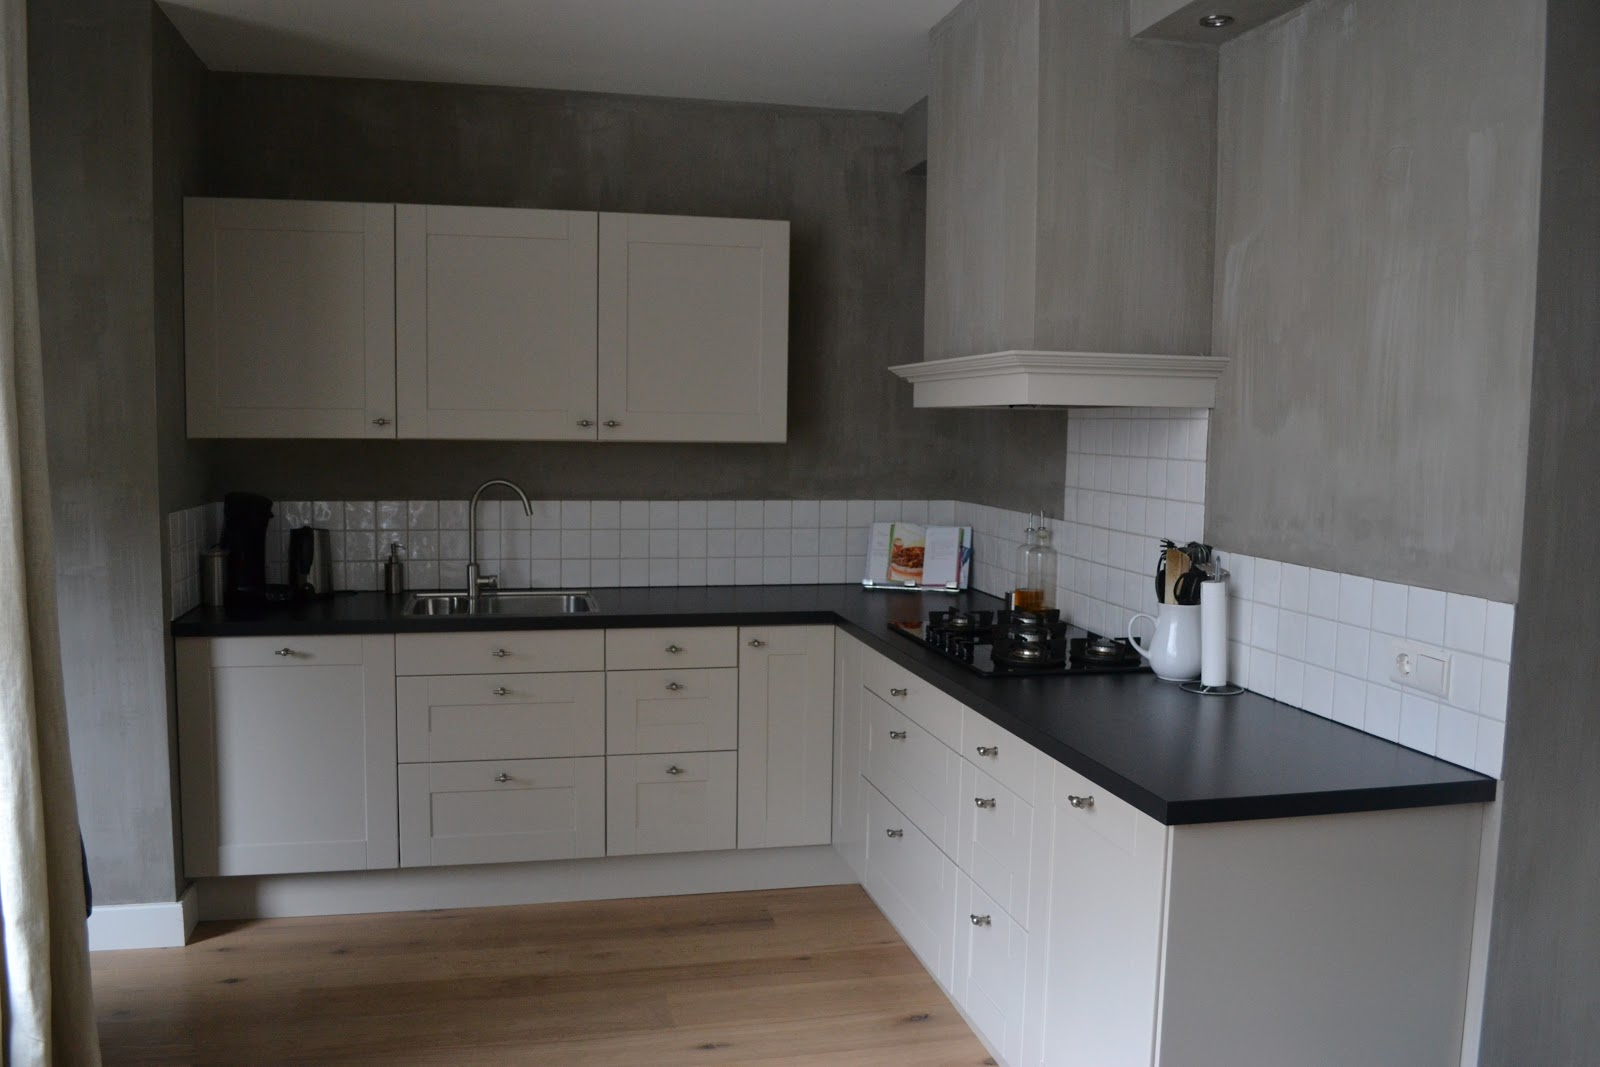 keuken wandtegels zonder voeg : Landelijk At Home Keuken